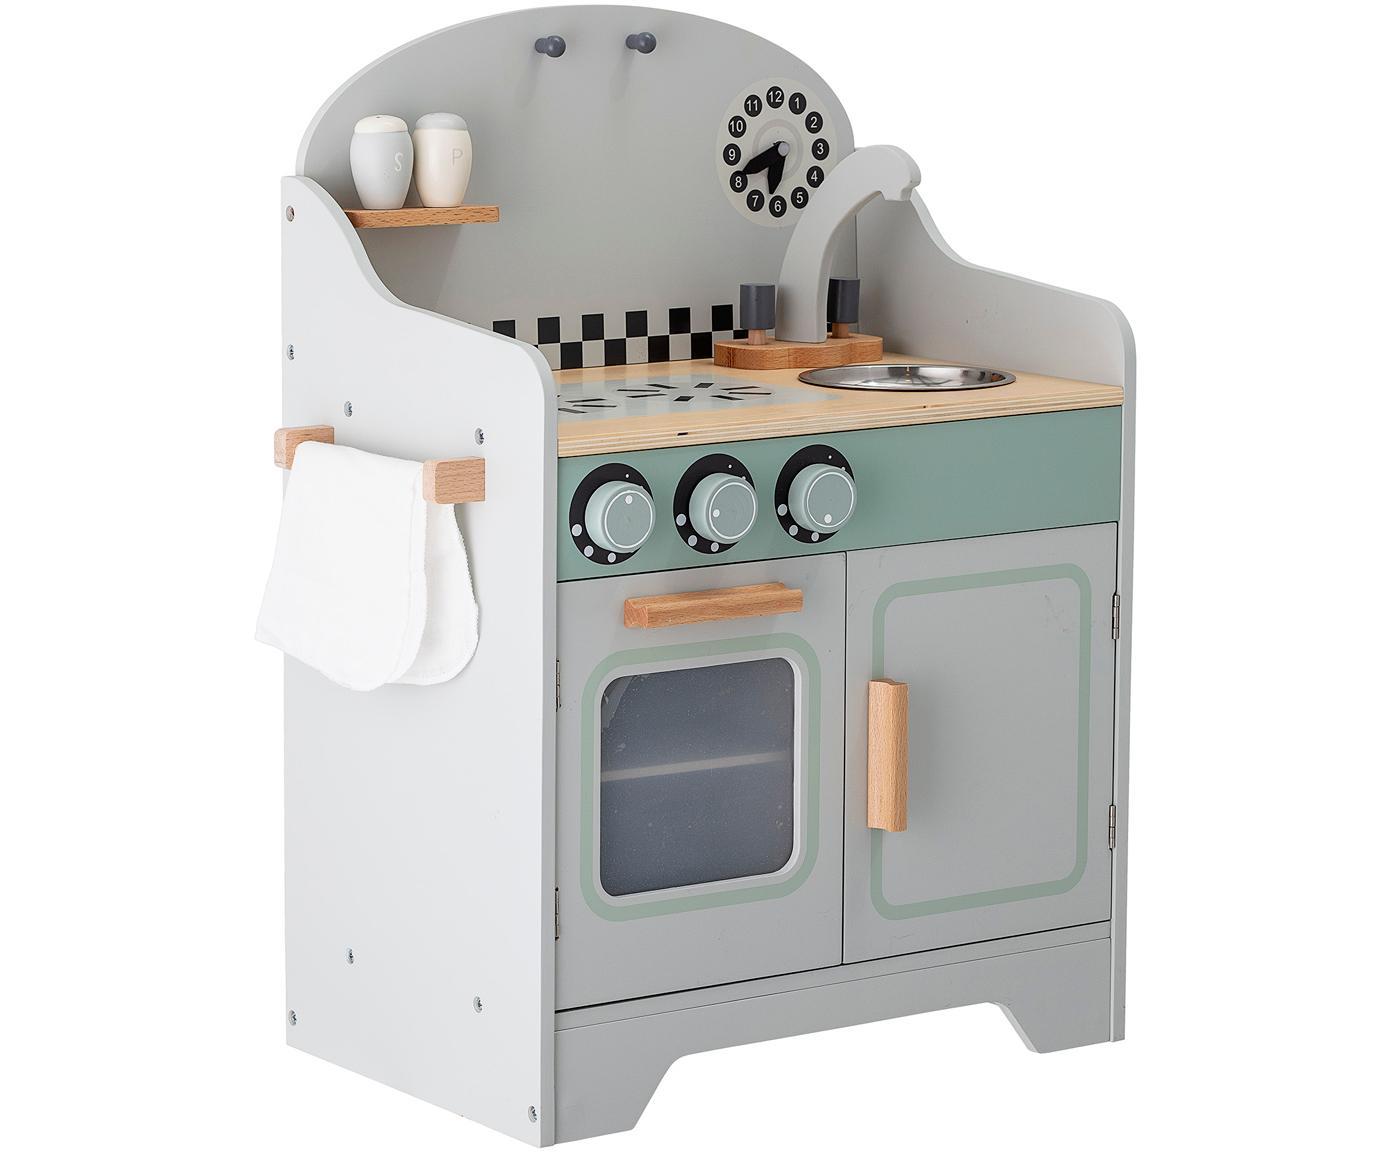 Cocina de juguete Minicook, Tablero de fibras de densidad media (MDF), madera de loto, recubierto, Gris, multicolor, An 43 x Al 58 cm